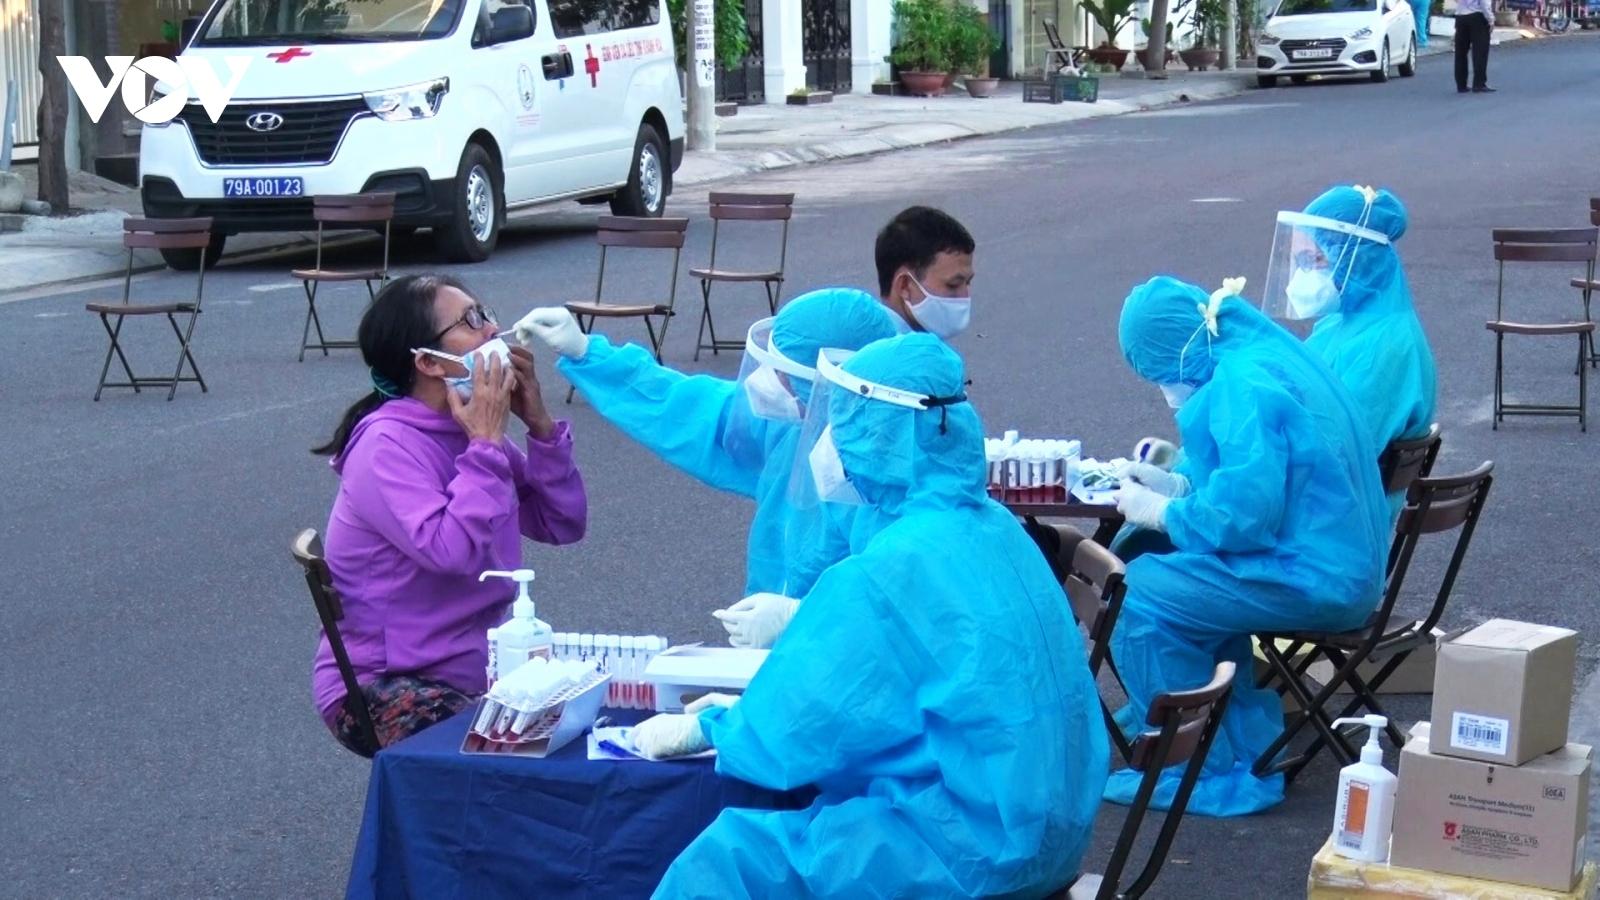 Lo lắng dịch bệnh, Chủ tịch Khánh Hoà kêu gọi mỗi cá nhân hãy ở yên tại nhà